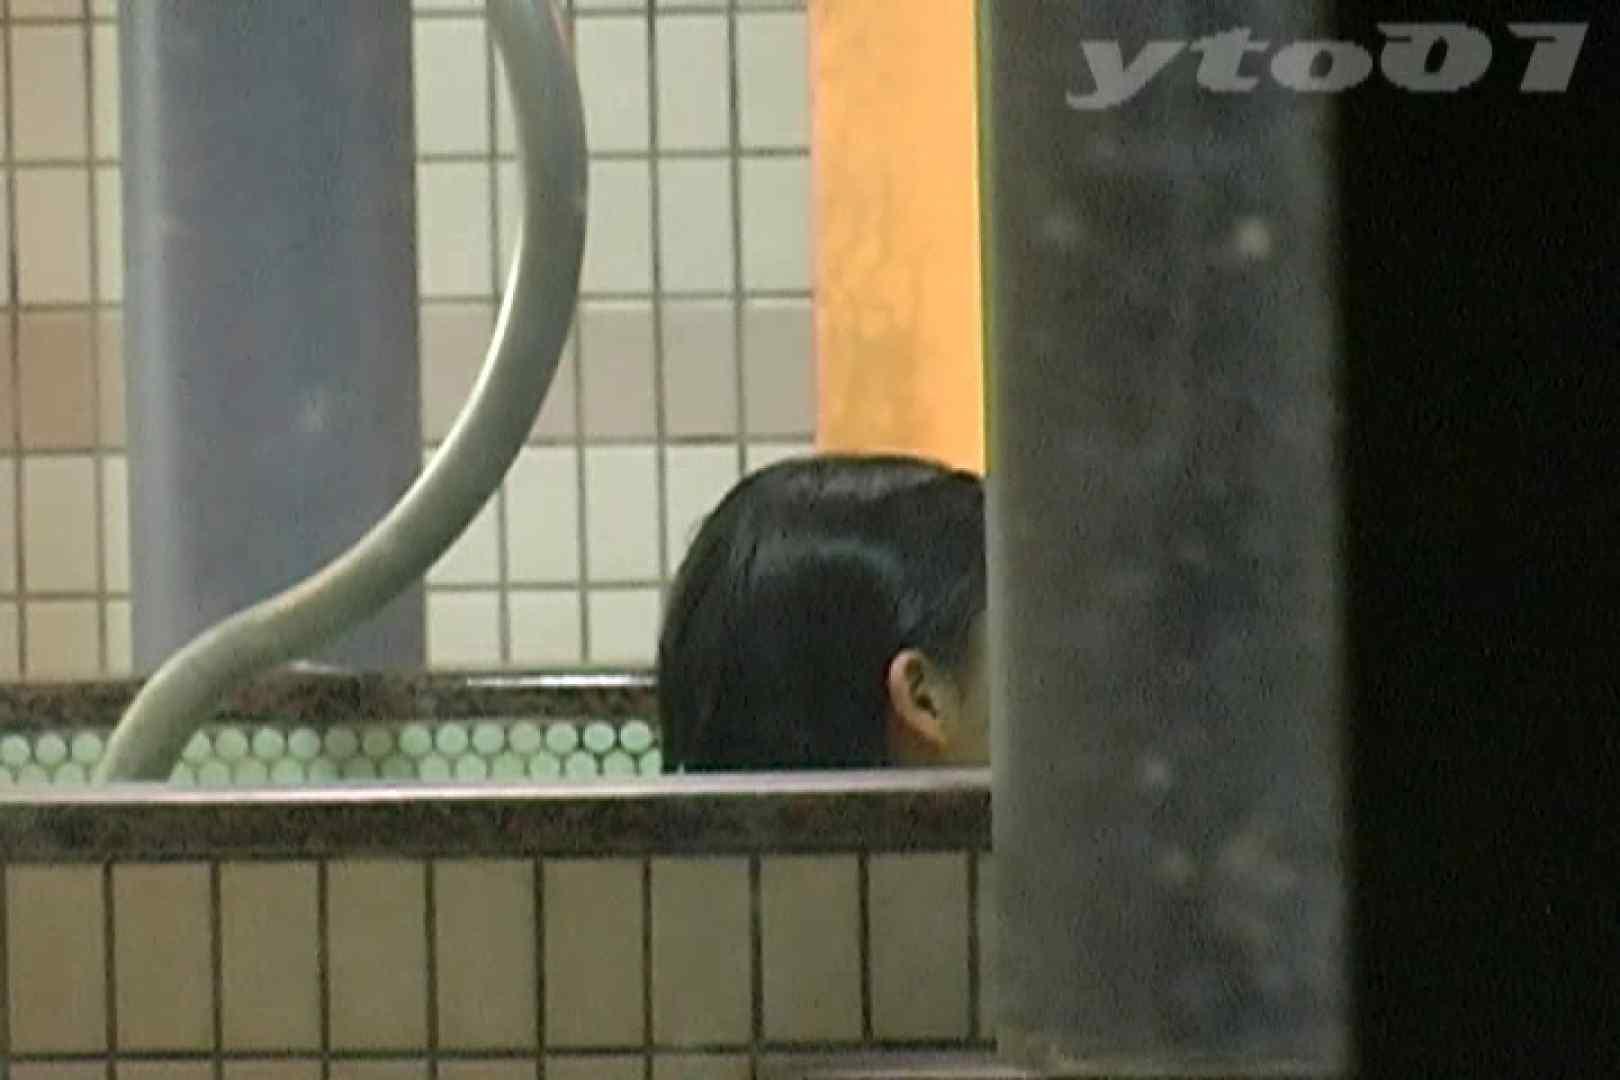 ▲復活限定▲合宿ホテル女風呂盗撮 Vol.02 入浴中の女性 AV無料動画キャプチャ 70PIX 11